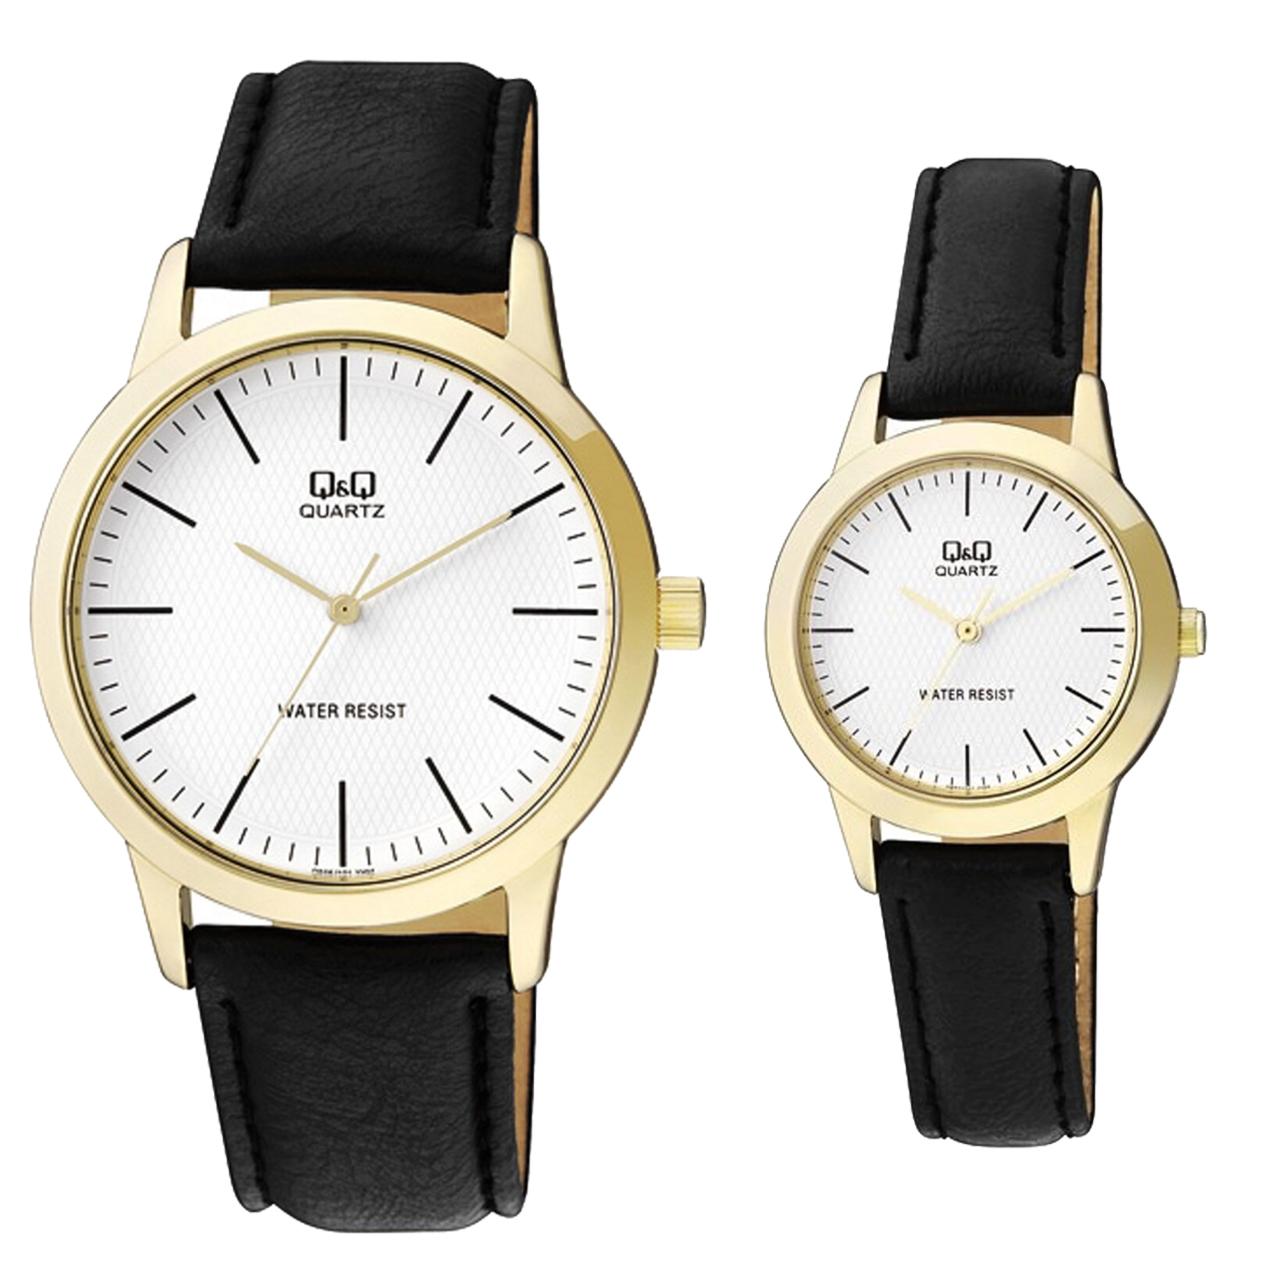 خرید ست ساعت مچی عقربه ای مردانه زنانه کیو اند کیو مدل Q946J101Yبه همراه دستمال مخصوص برند کلین واچ